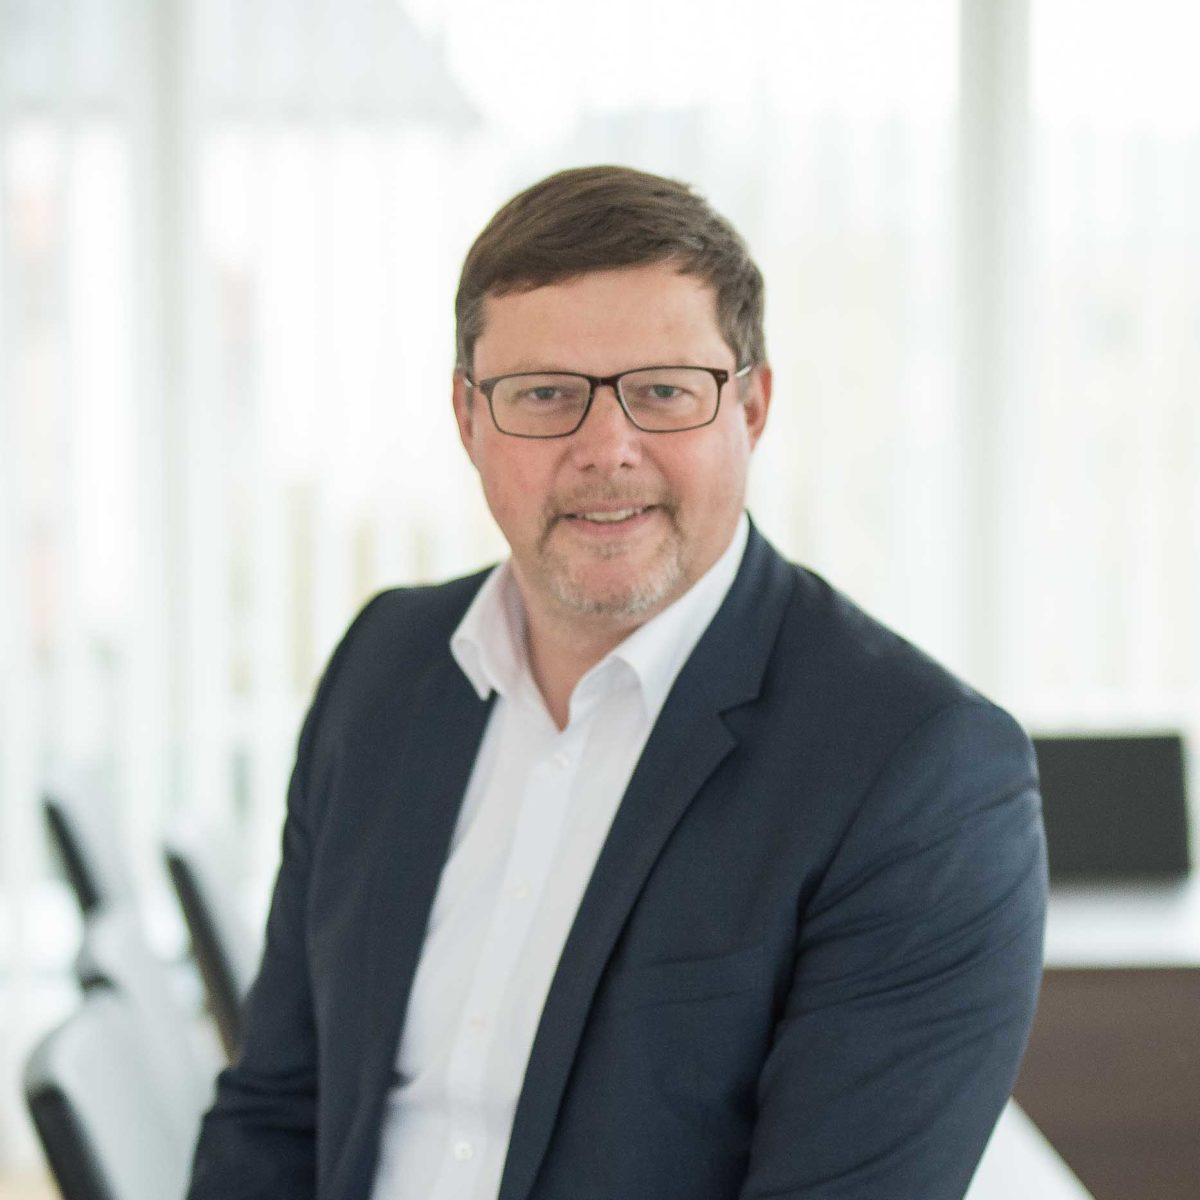 Jürgen Marzi